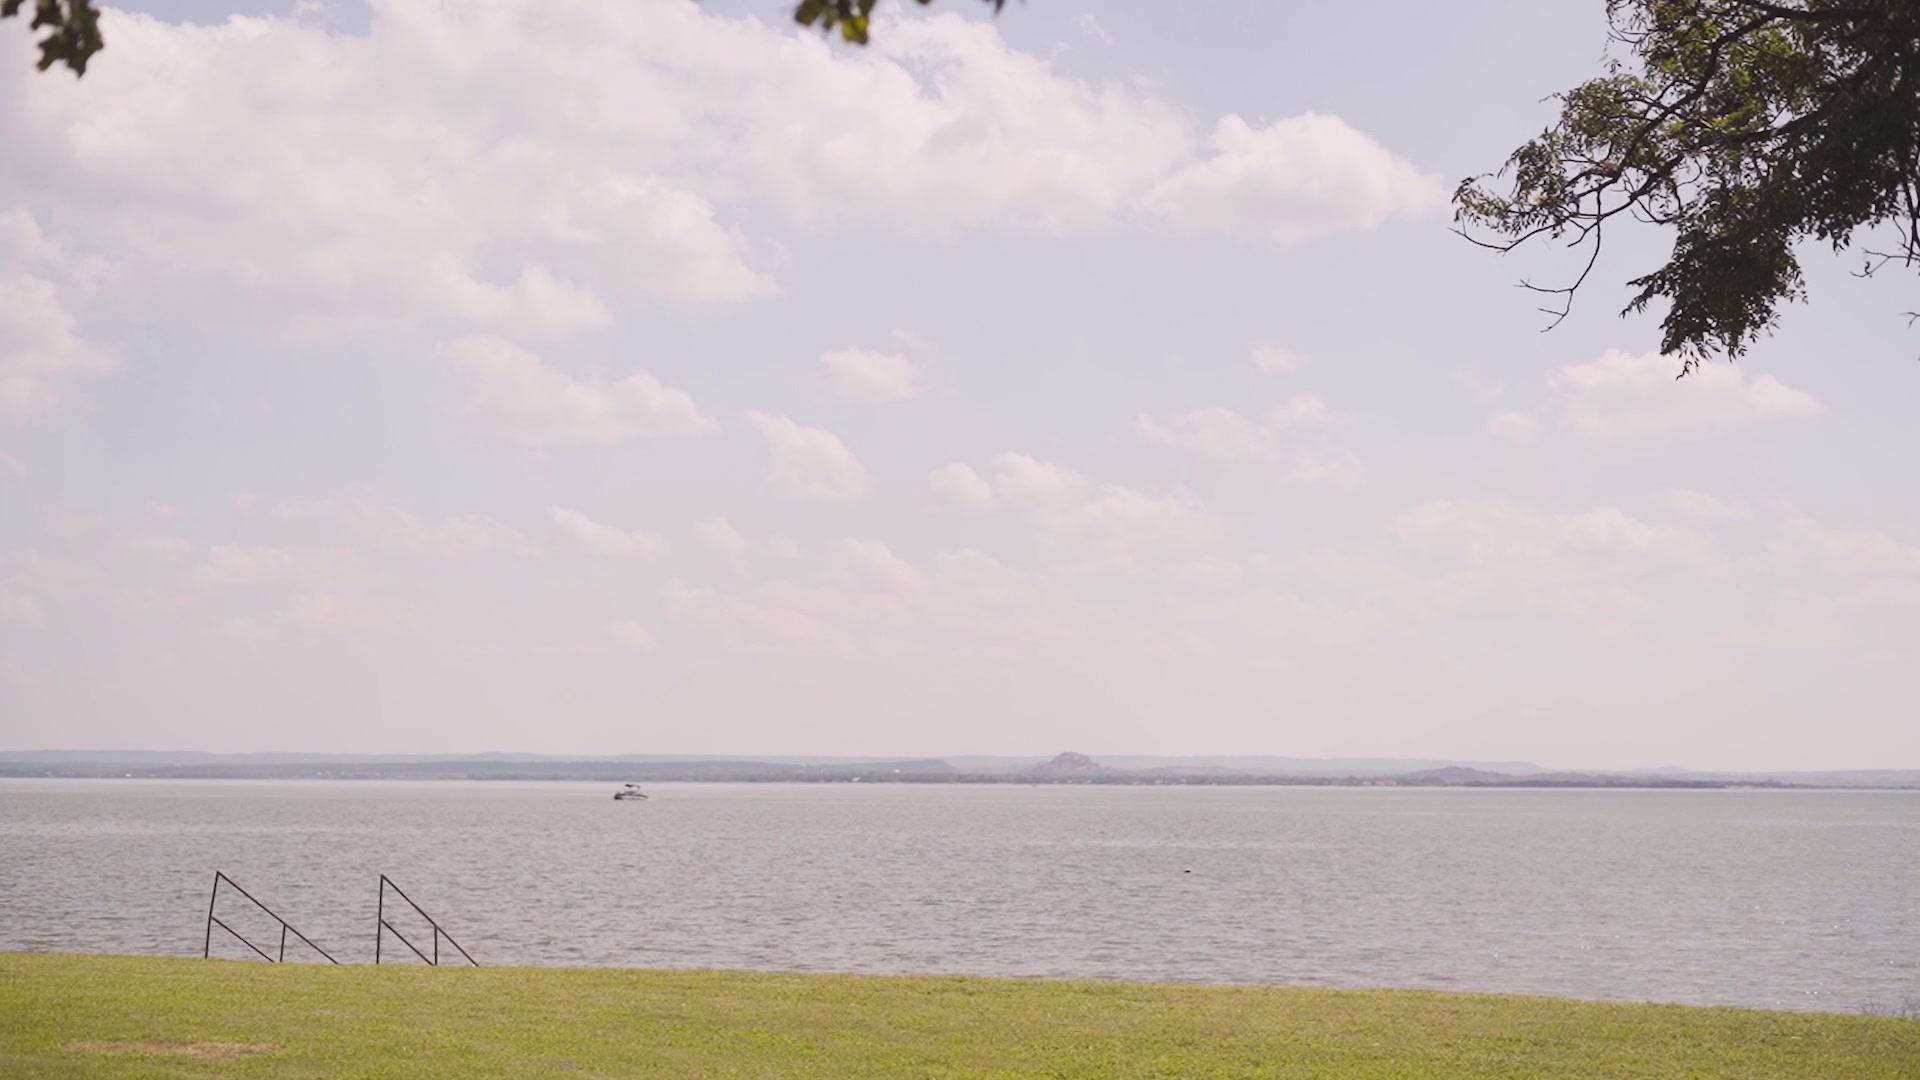 Amanda + Cody | Austin, Texas | Lake View Villas on Lake Buchanan